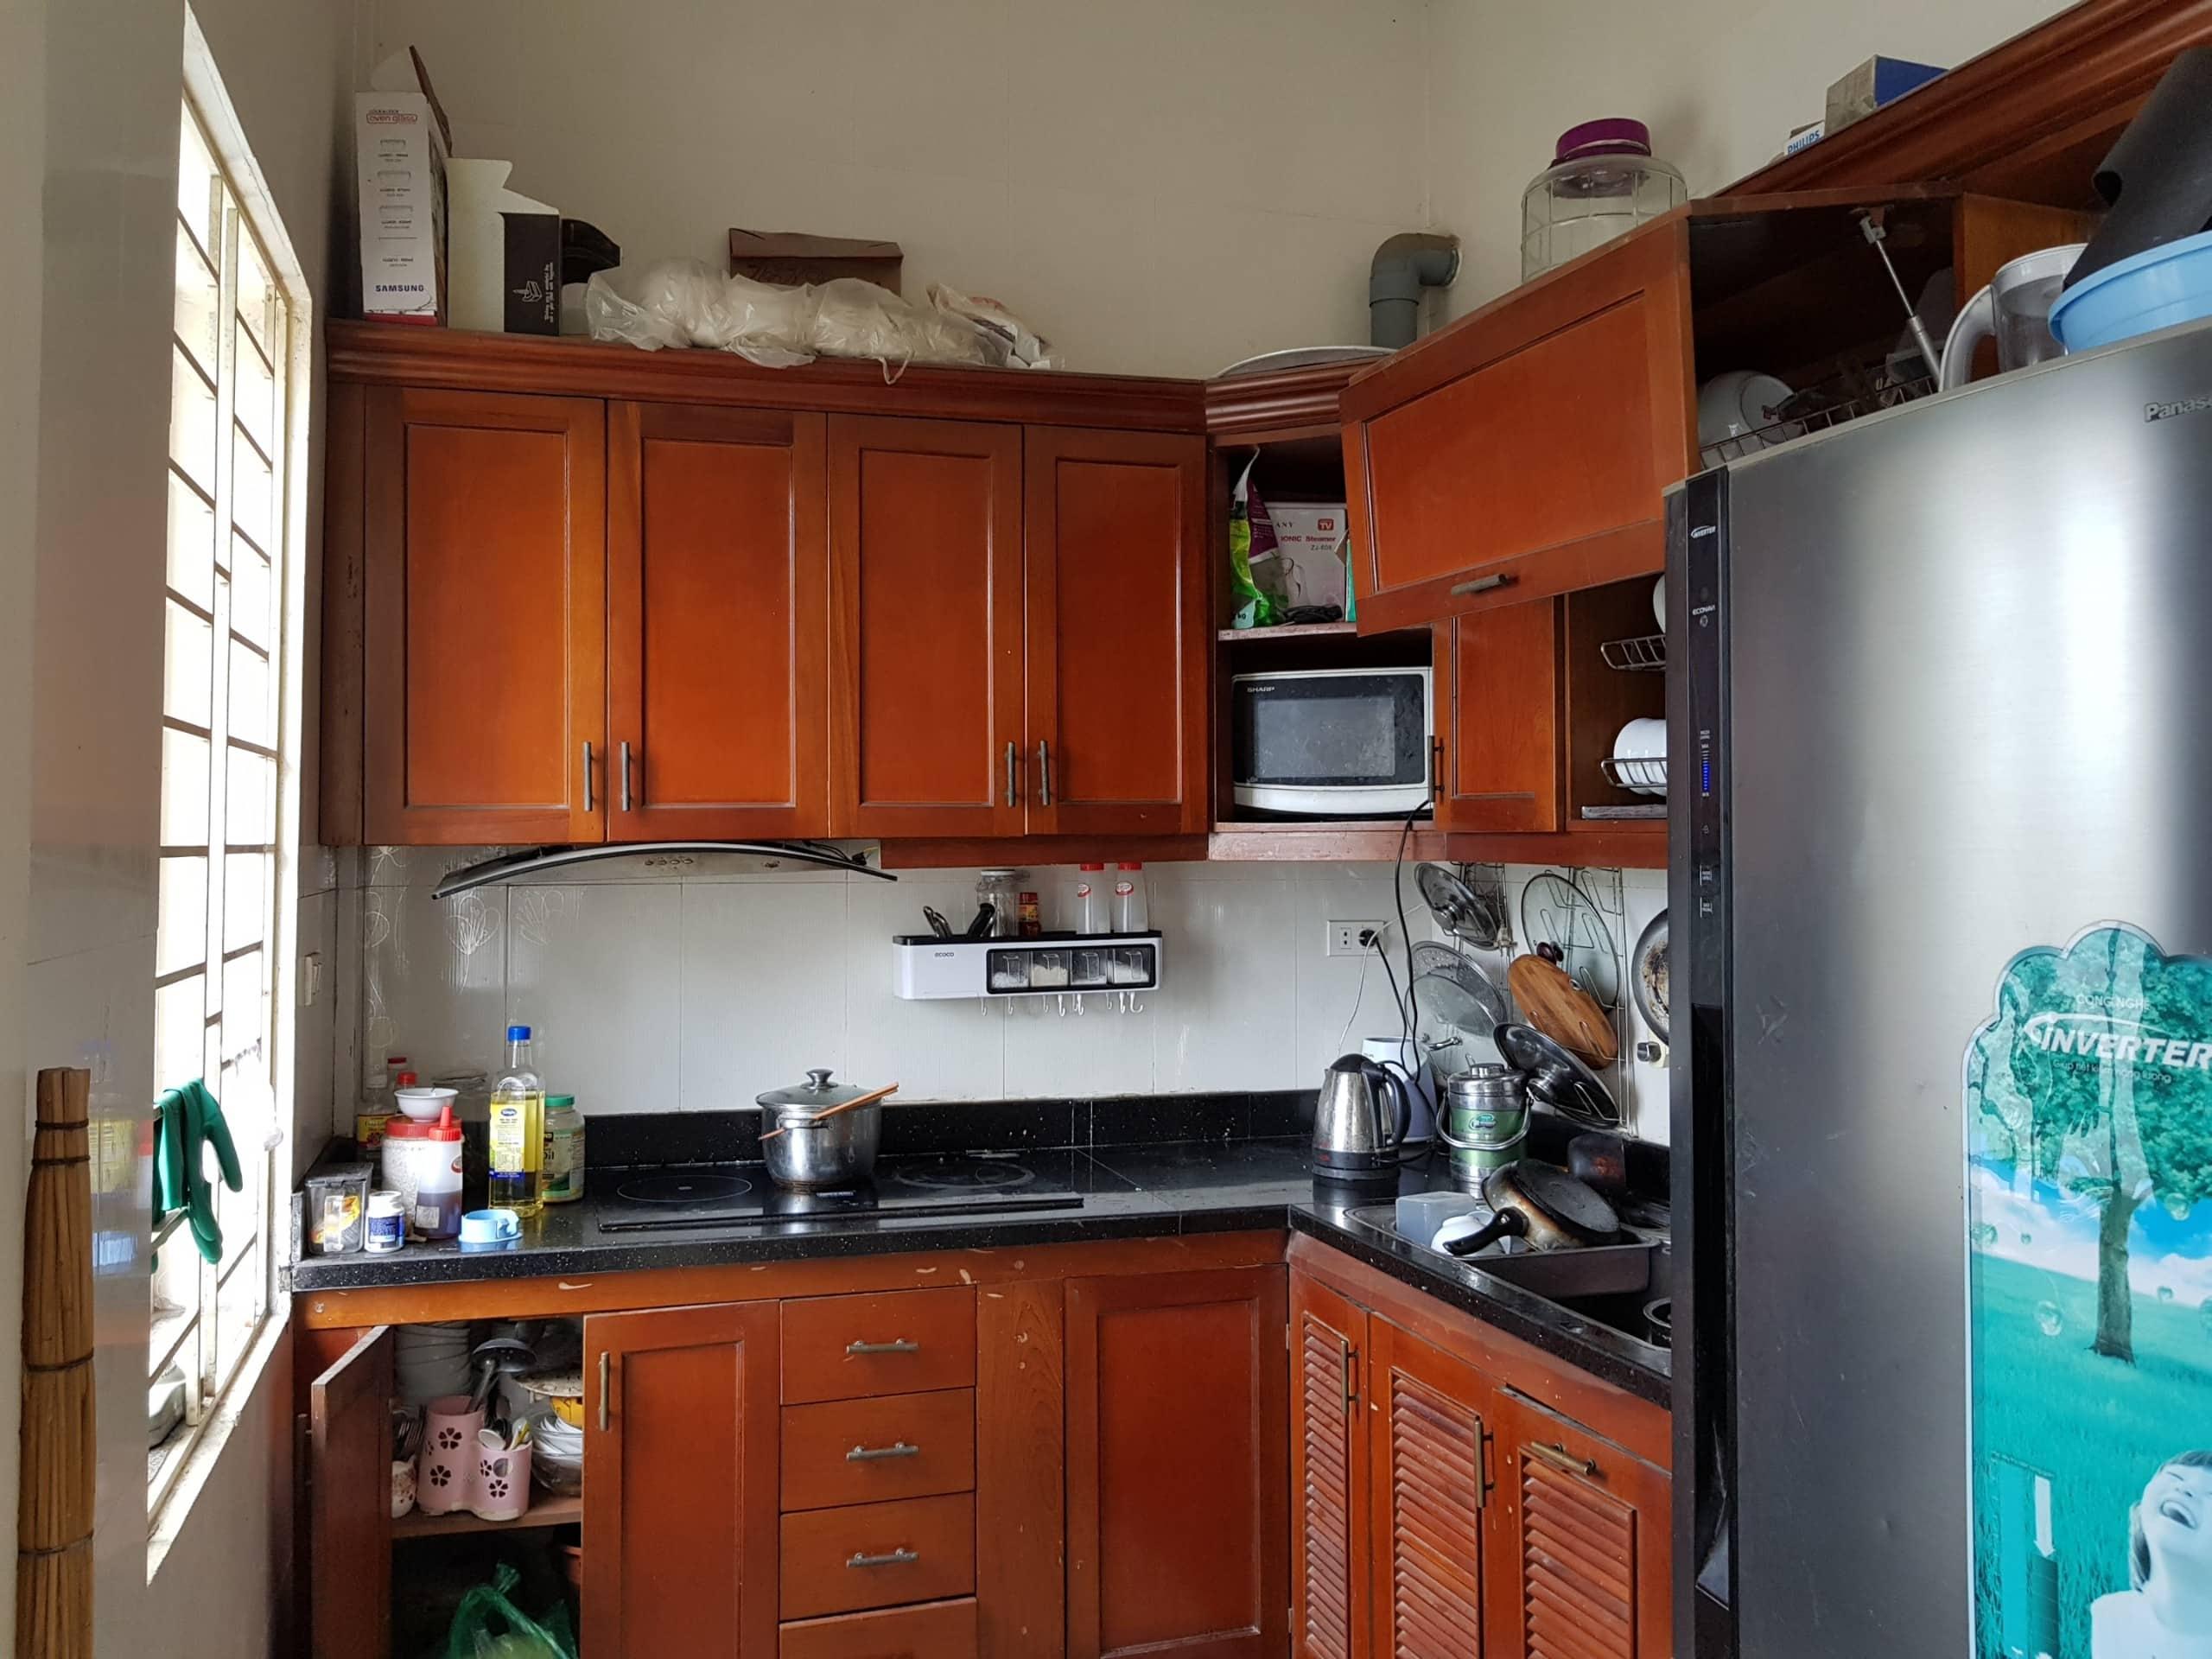 Bếp đầy đủ thiết bị không phải mua sắm thêm gì cả